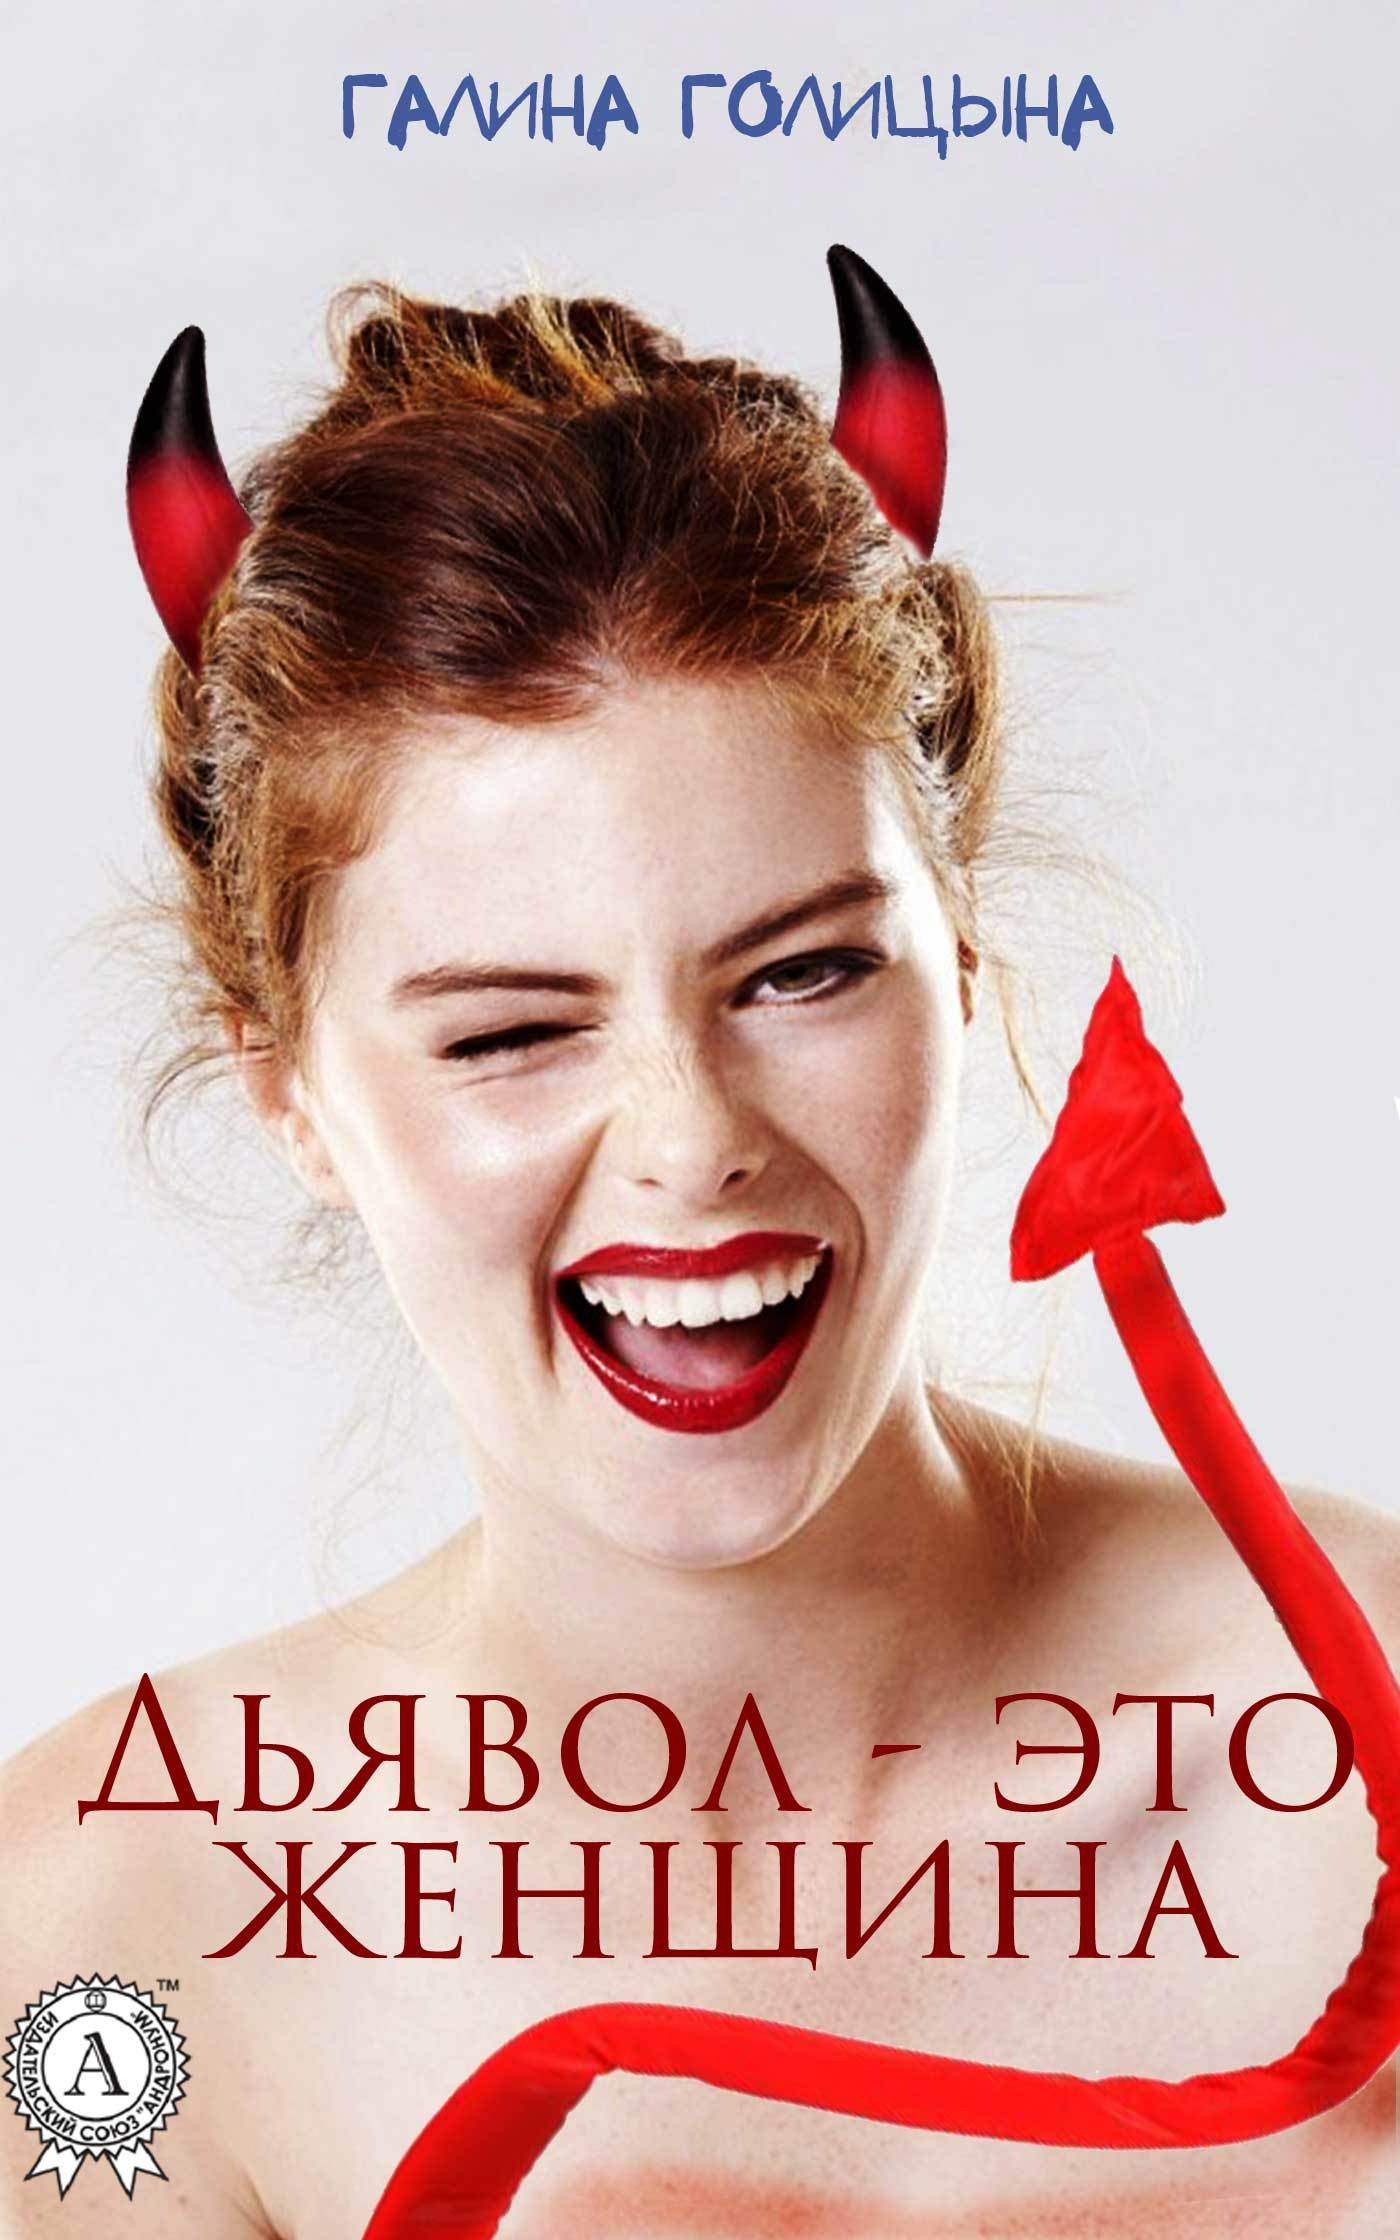 Галина Голицына Дьявол – это женщина хочу продать свою квартиру которая менее 3х лет и другую какие налоги надо заплатить